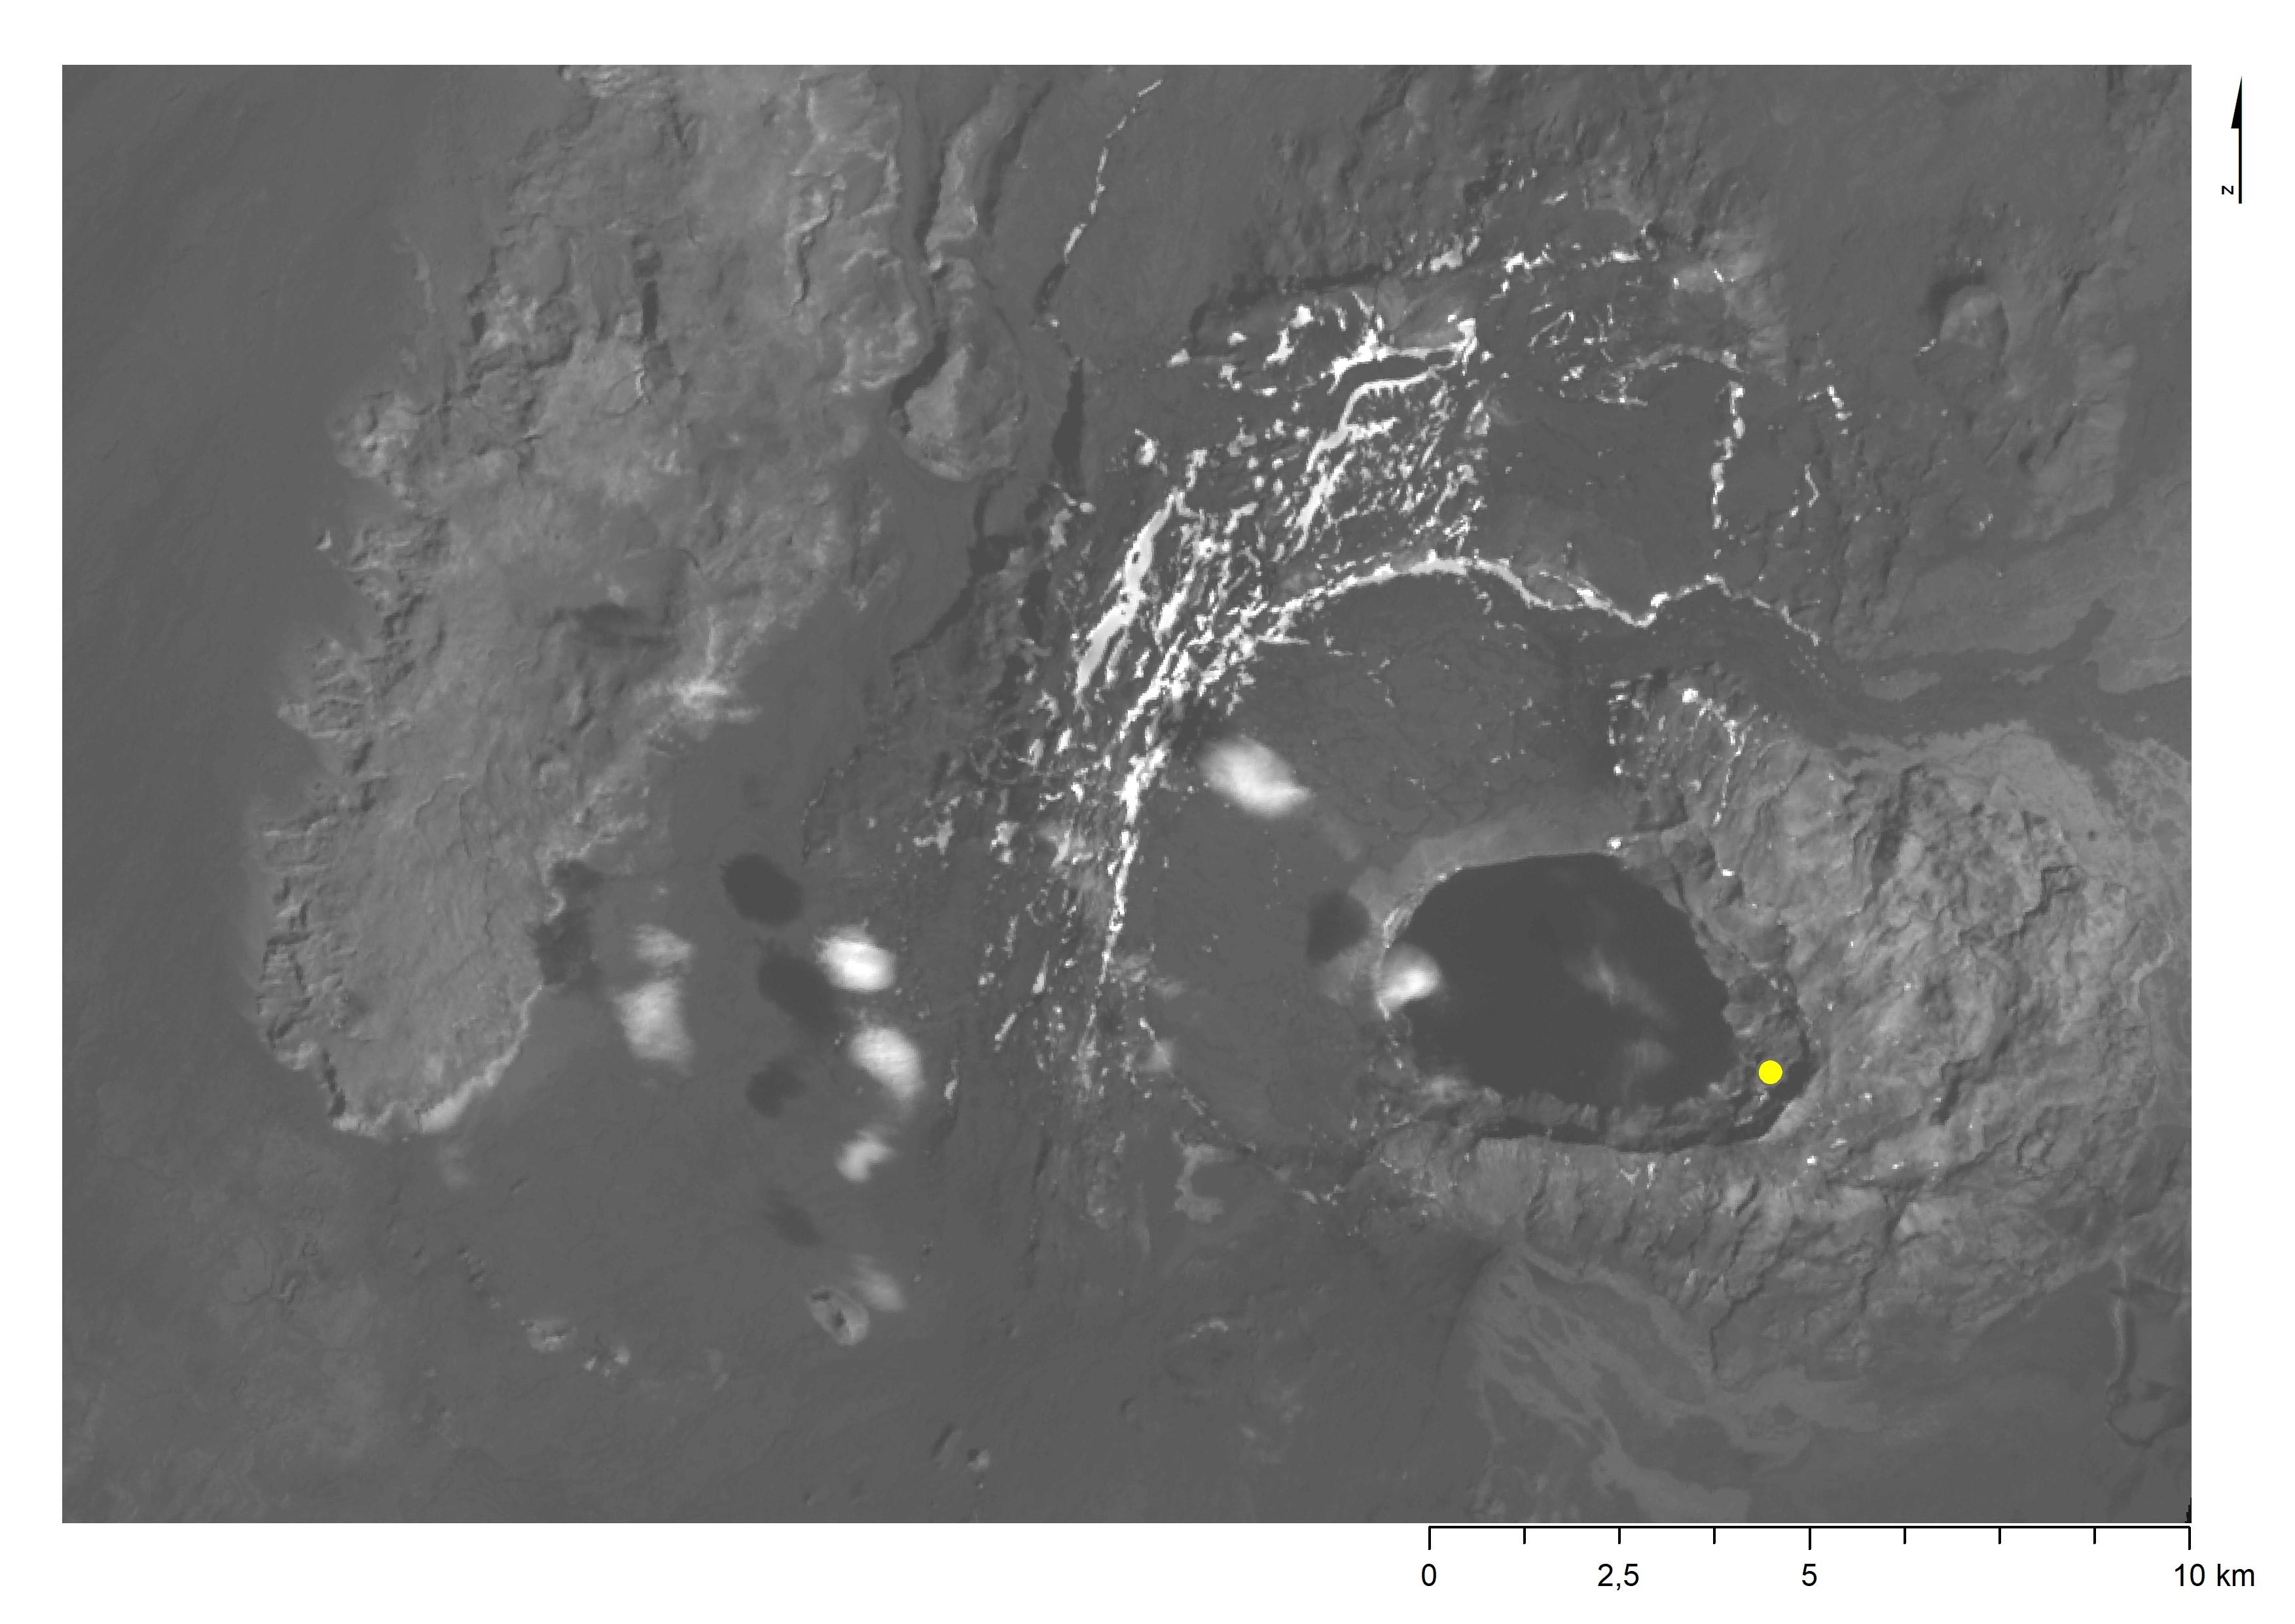 Askja í Dyngjufjöllum. Öskjuvatn fyllir yngstu öskjuna og má sjá móta fyrir hinum eldri. Suðurbotnar eru merktir með gulum punkti. (Gervitunglamynd frá NASA).